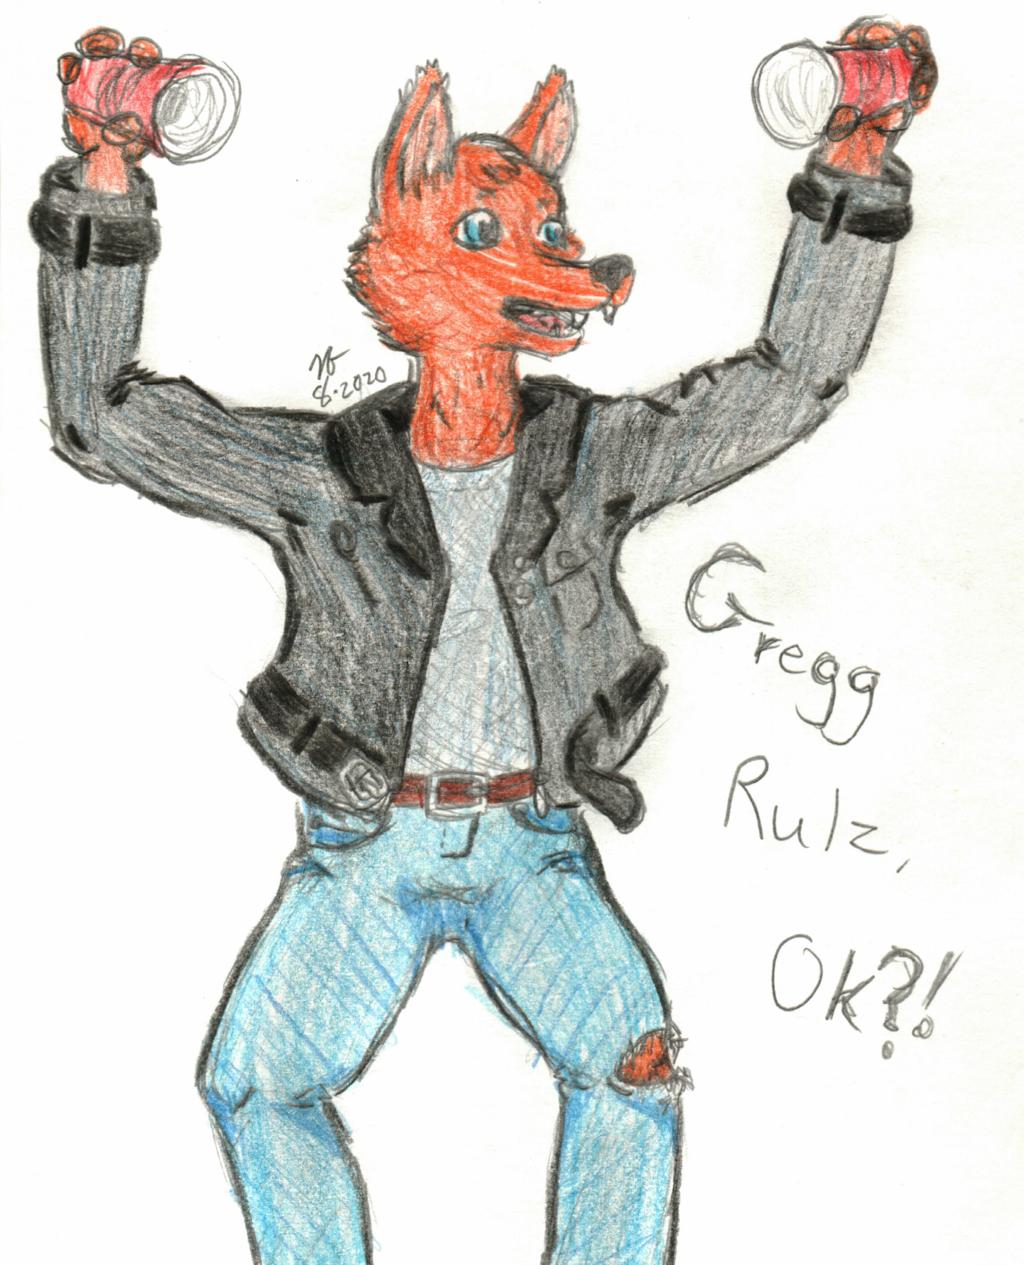 Gregg Rulez